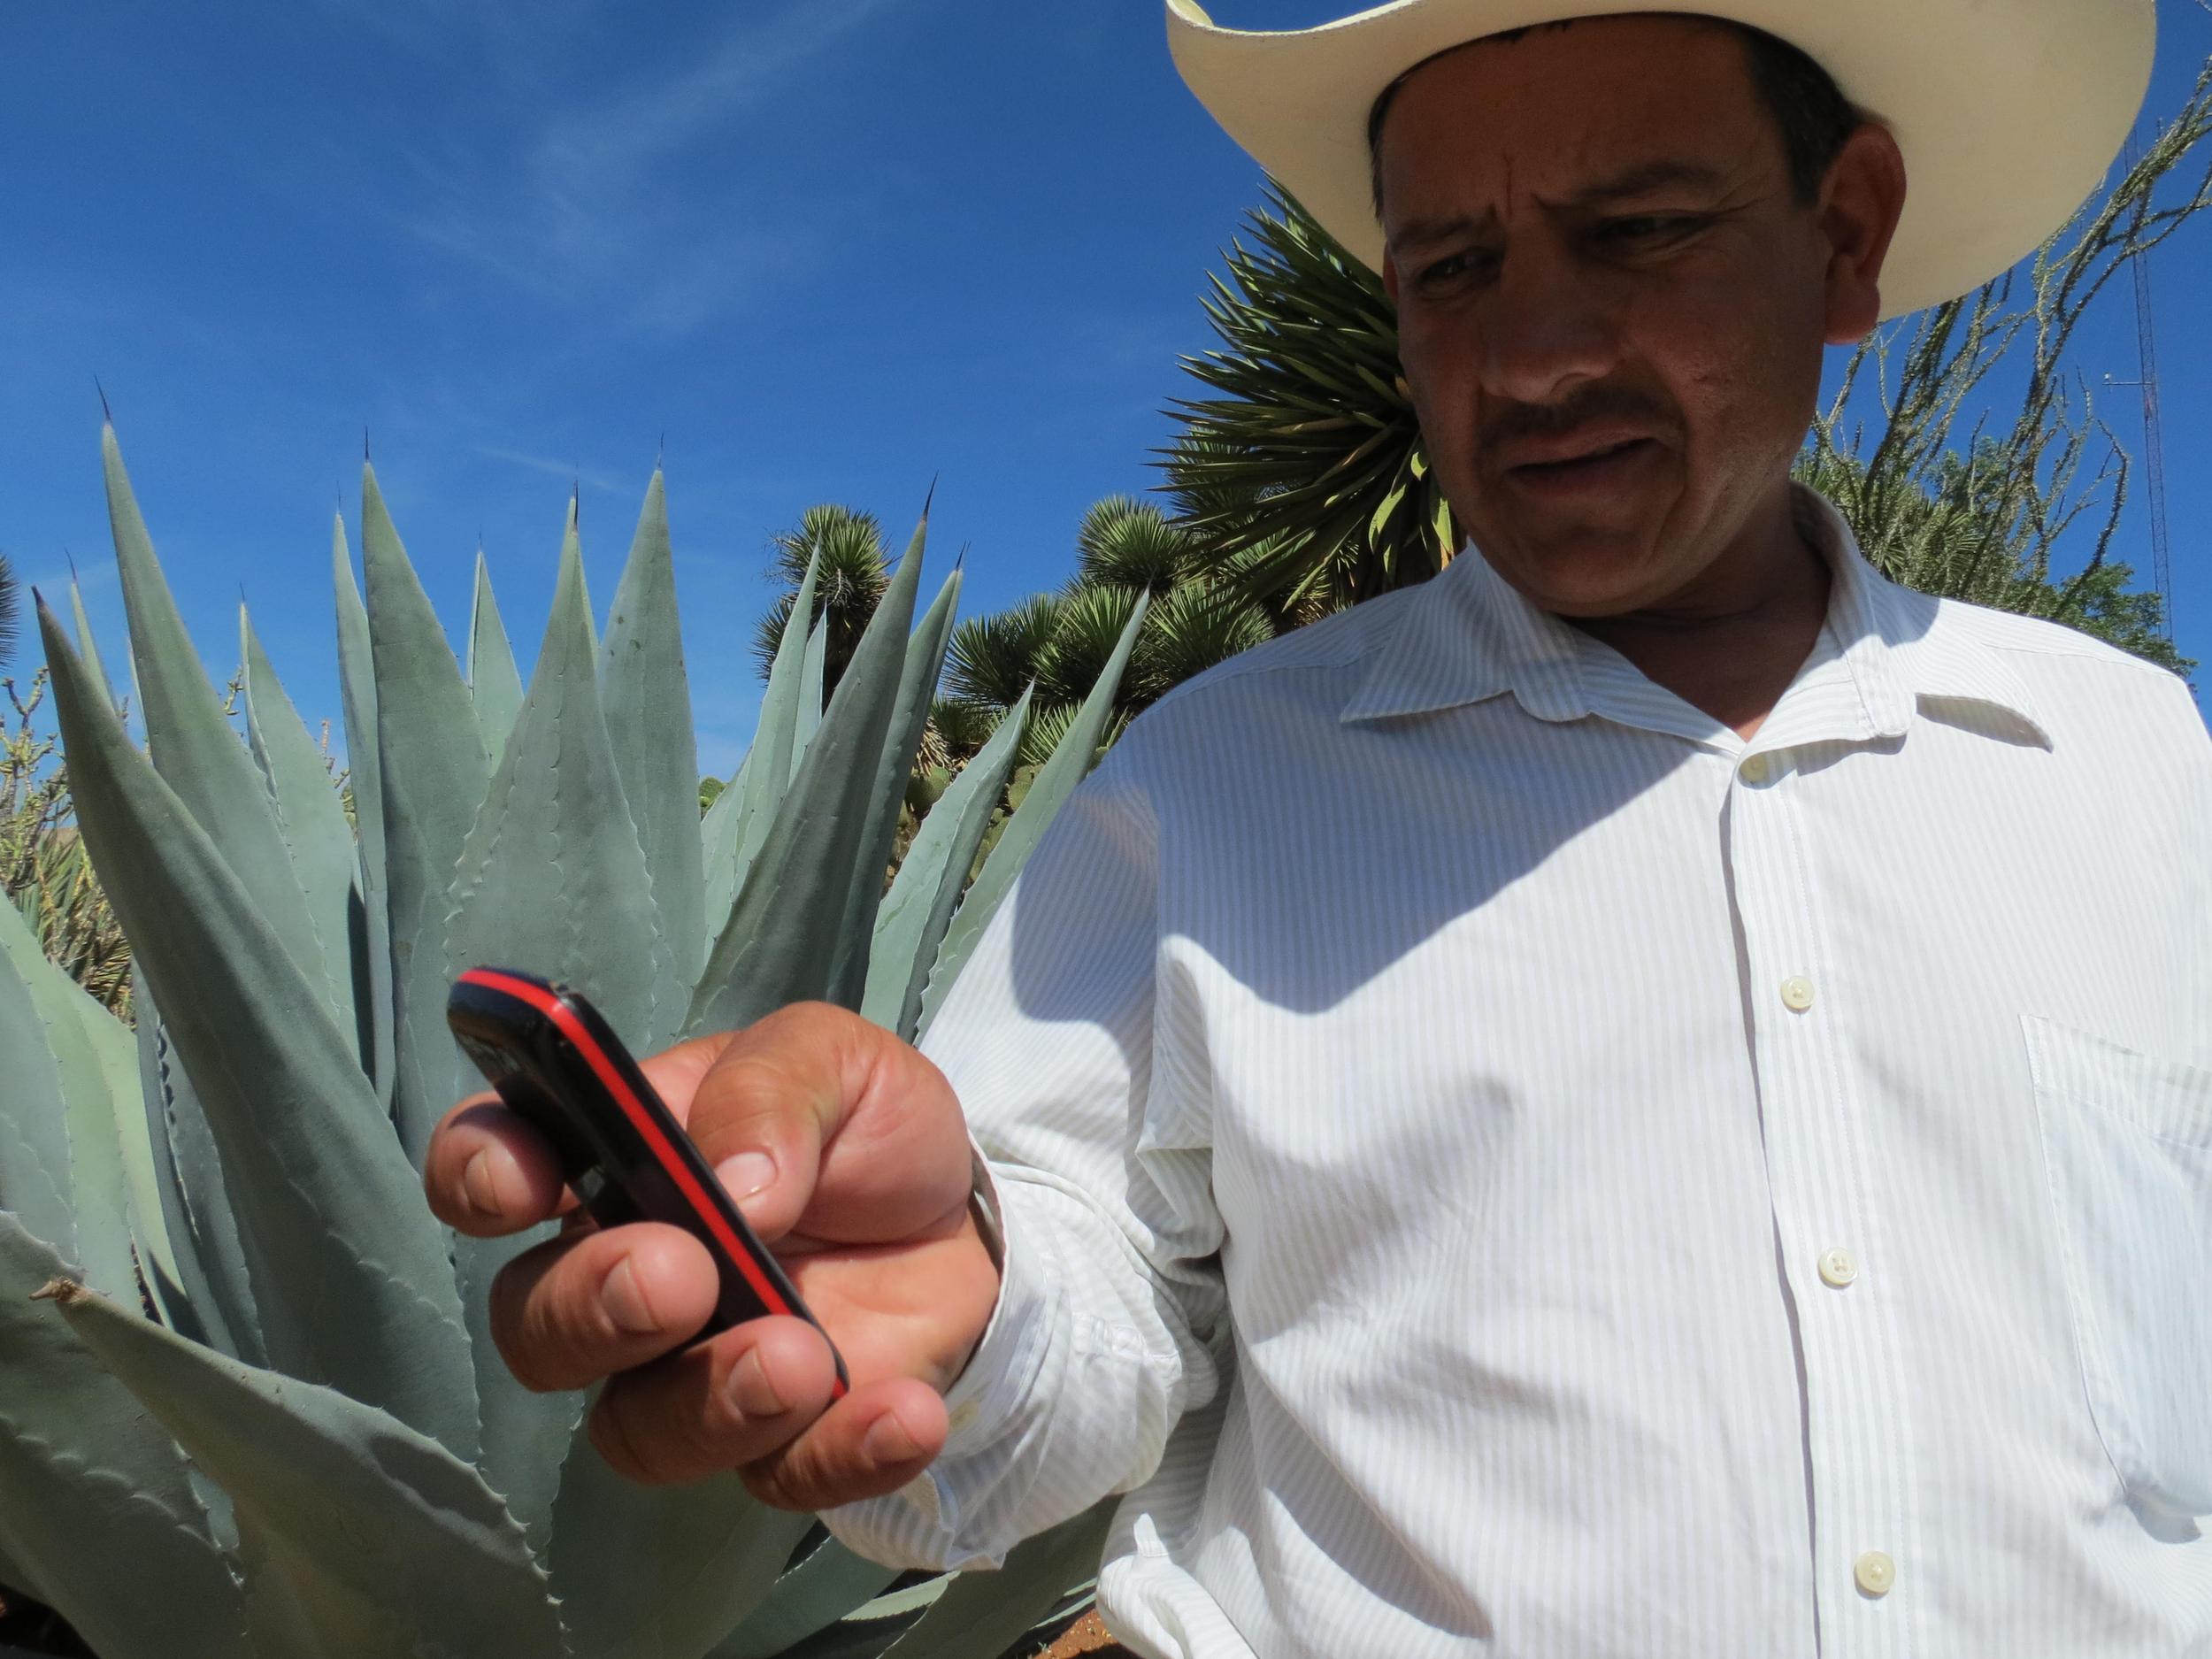 ¿Eres productor? - Con Extensio, recibe información de clima, buenas prácticas, insumos y precios de venta para tu cultivo directamente en tu teléfono.¡Conoce más aquí!